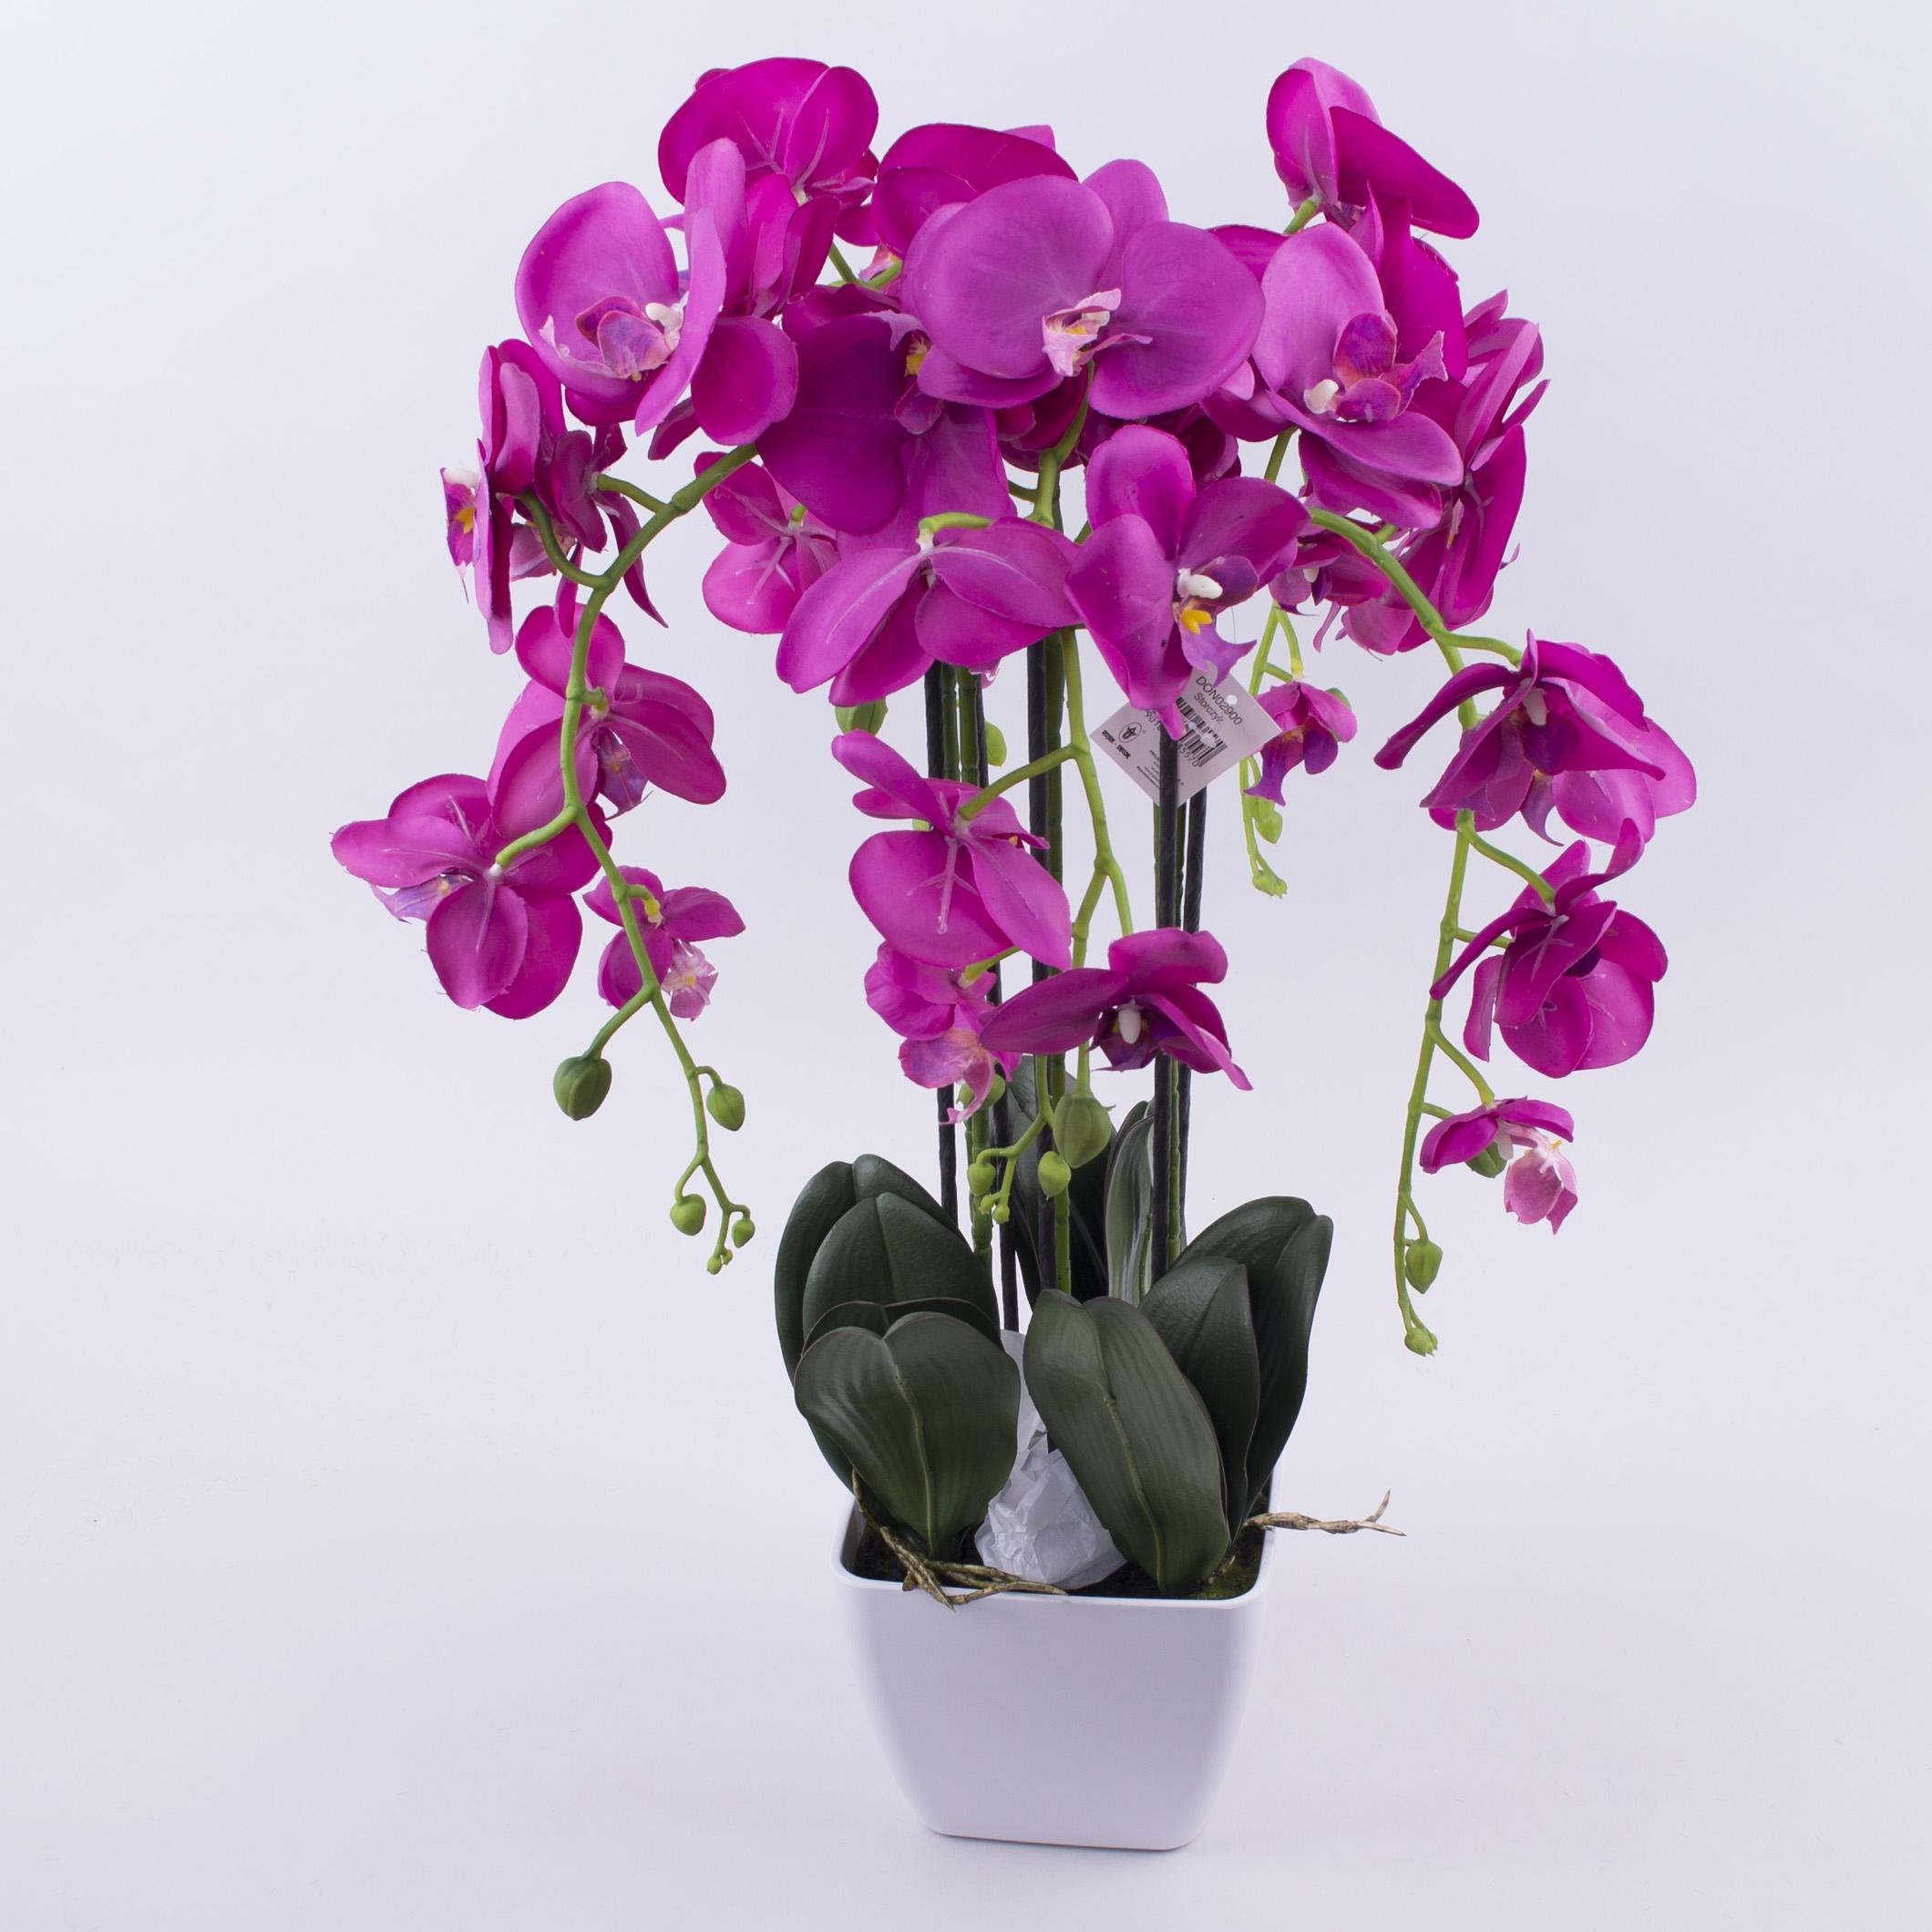 квіти орхідея на 5 гілок латексна в кашпо (фіолет)